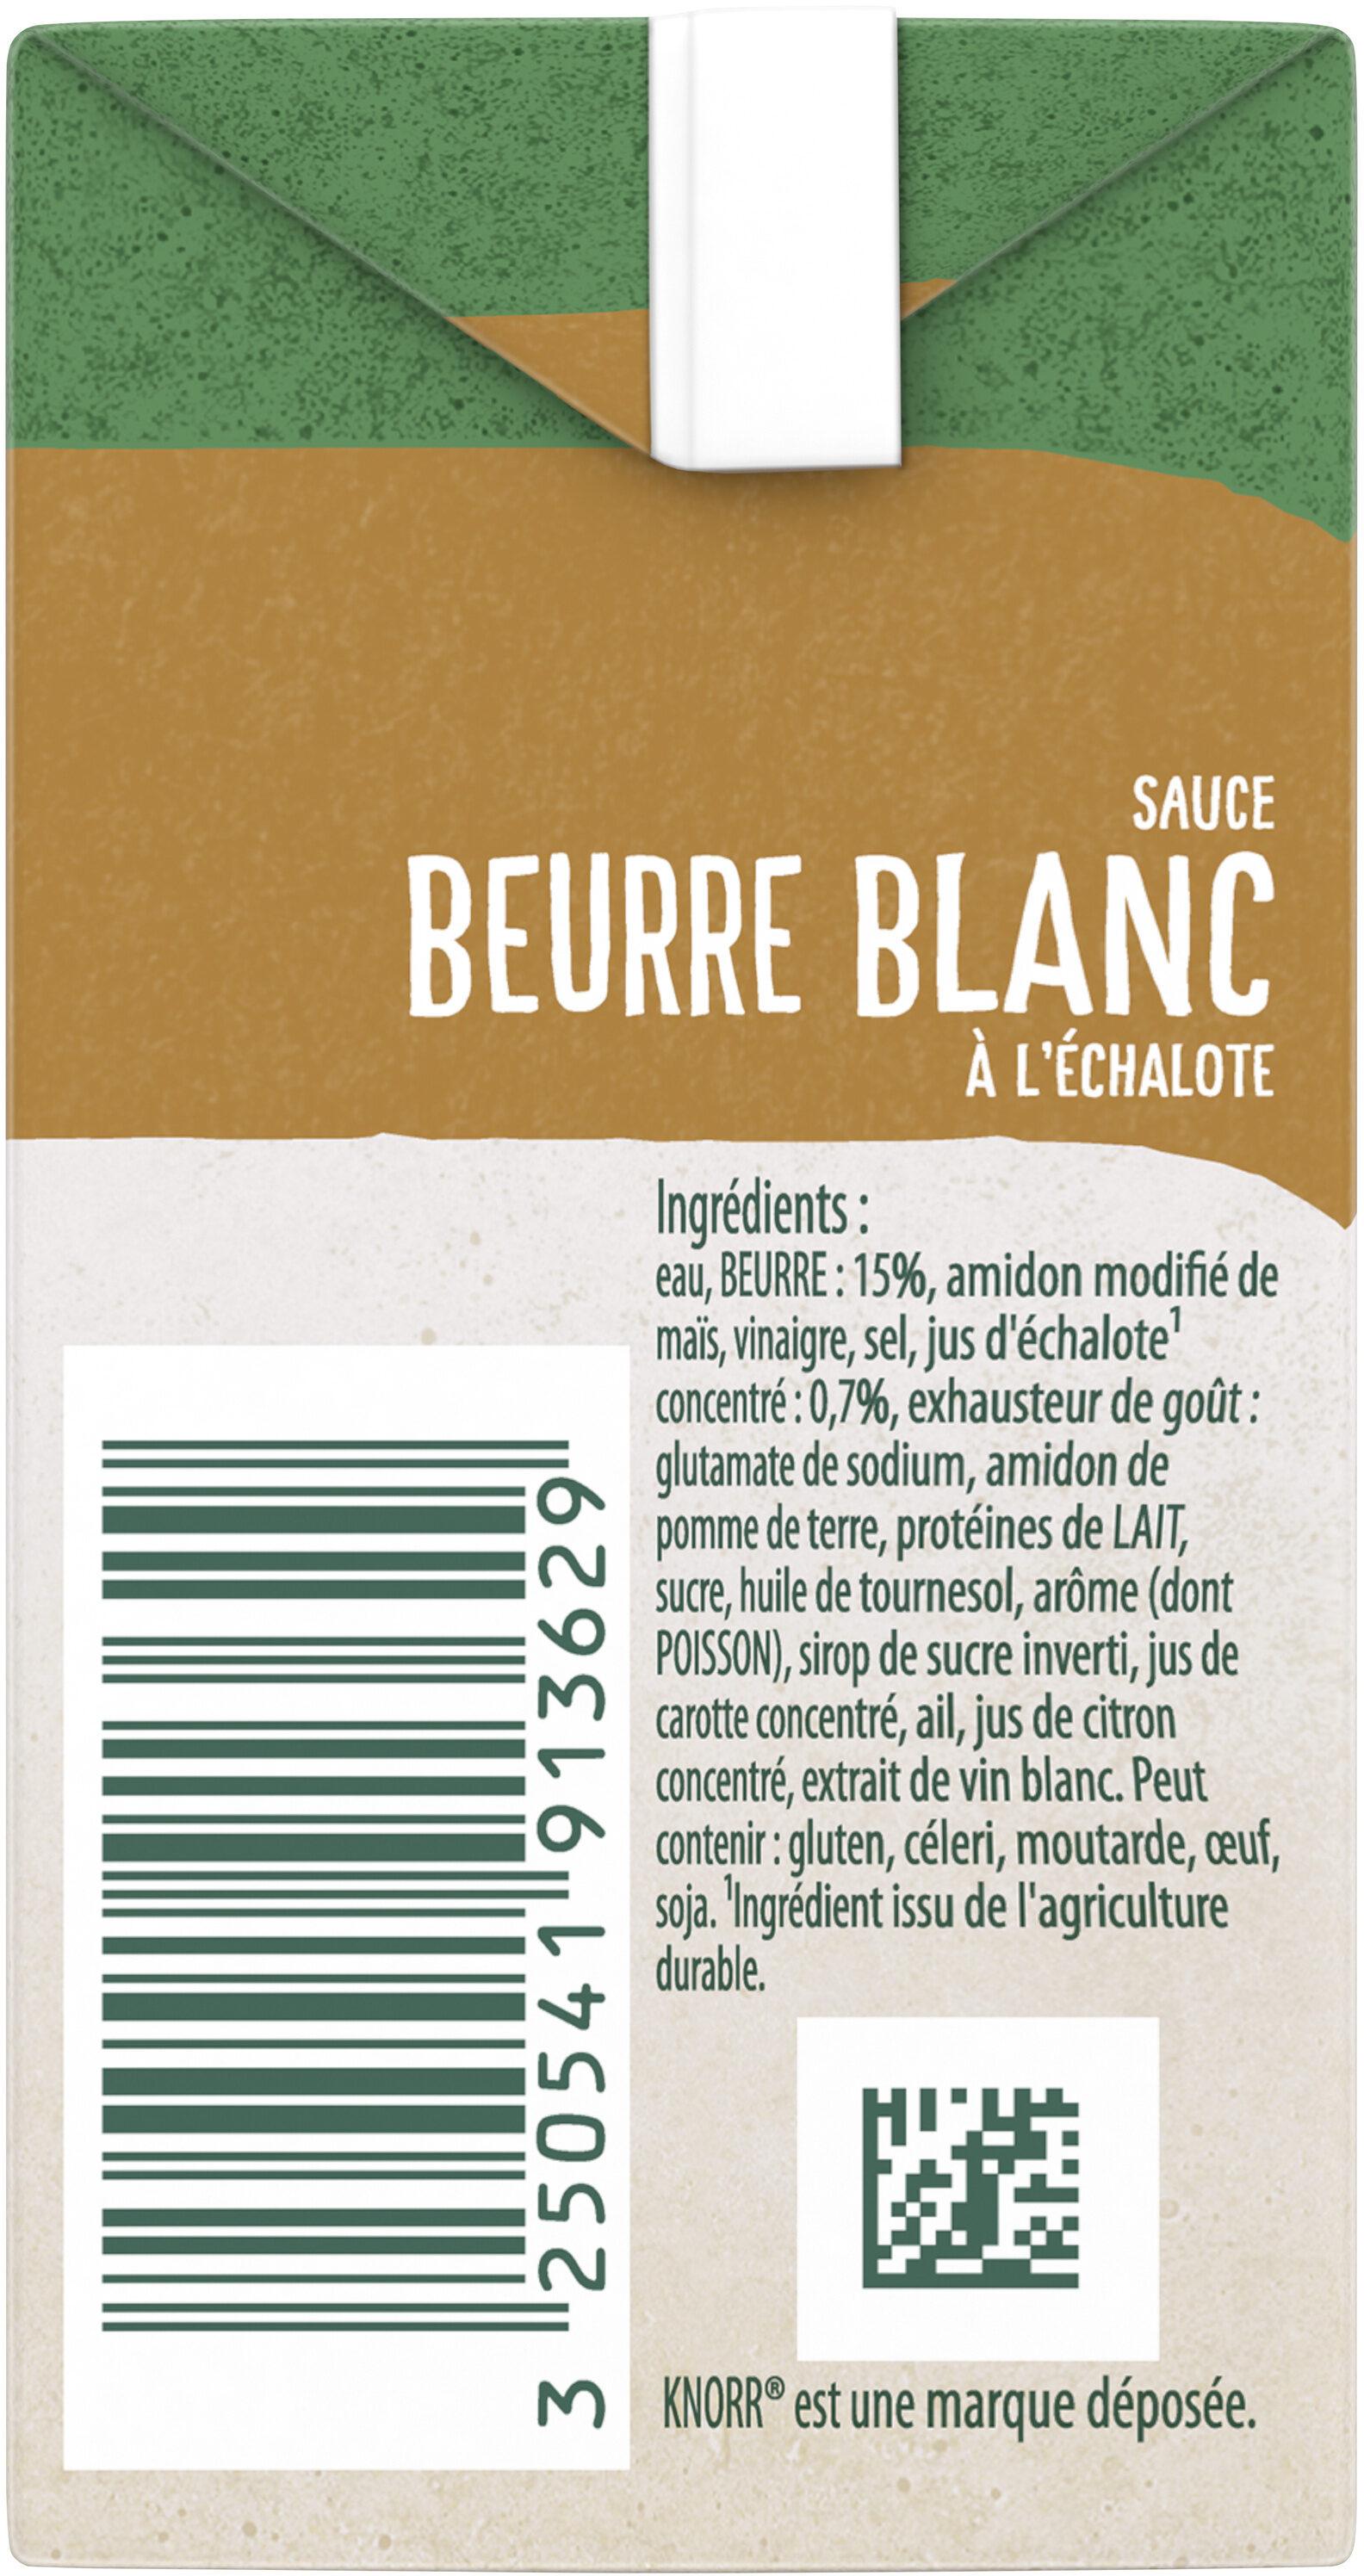 Knorr Sauce Chaude Beurre Blanc à l'Échalote Brique 30cl - Ingrédients - fr